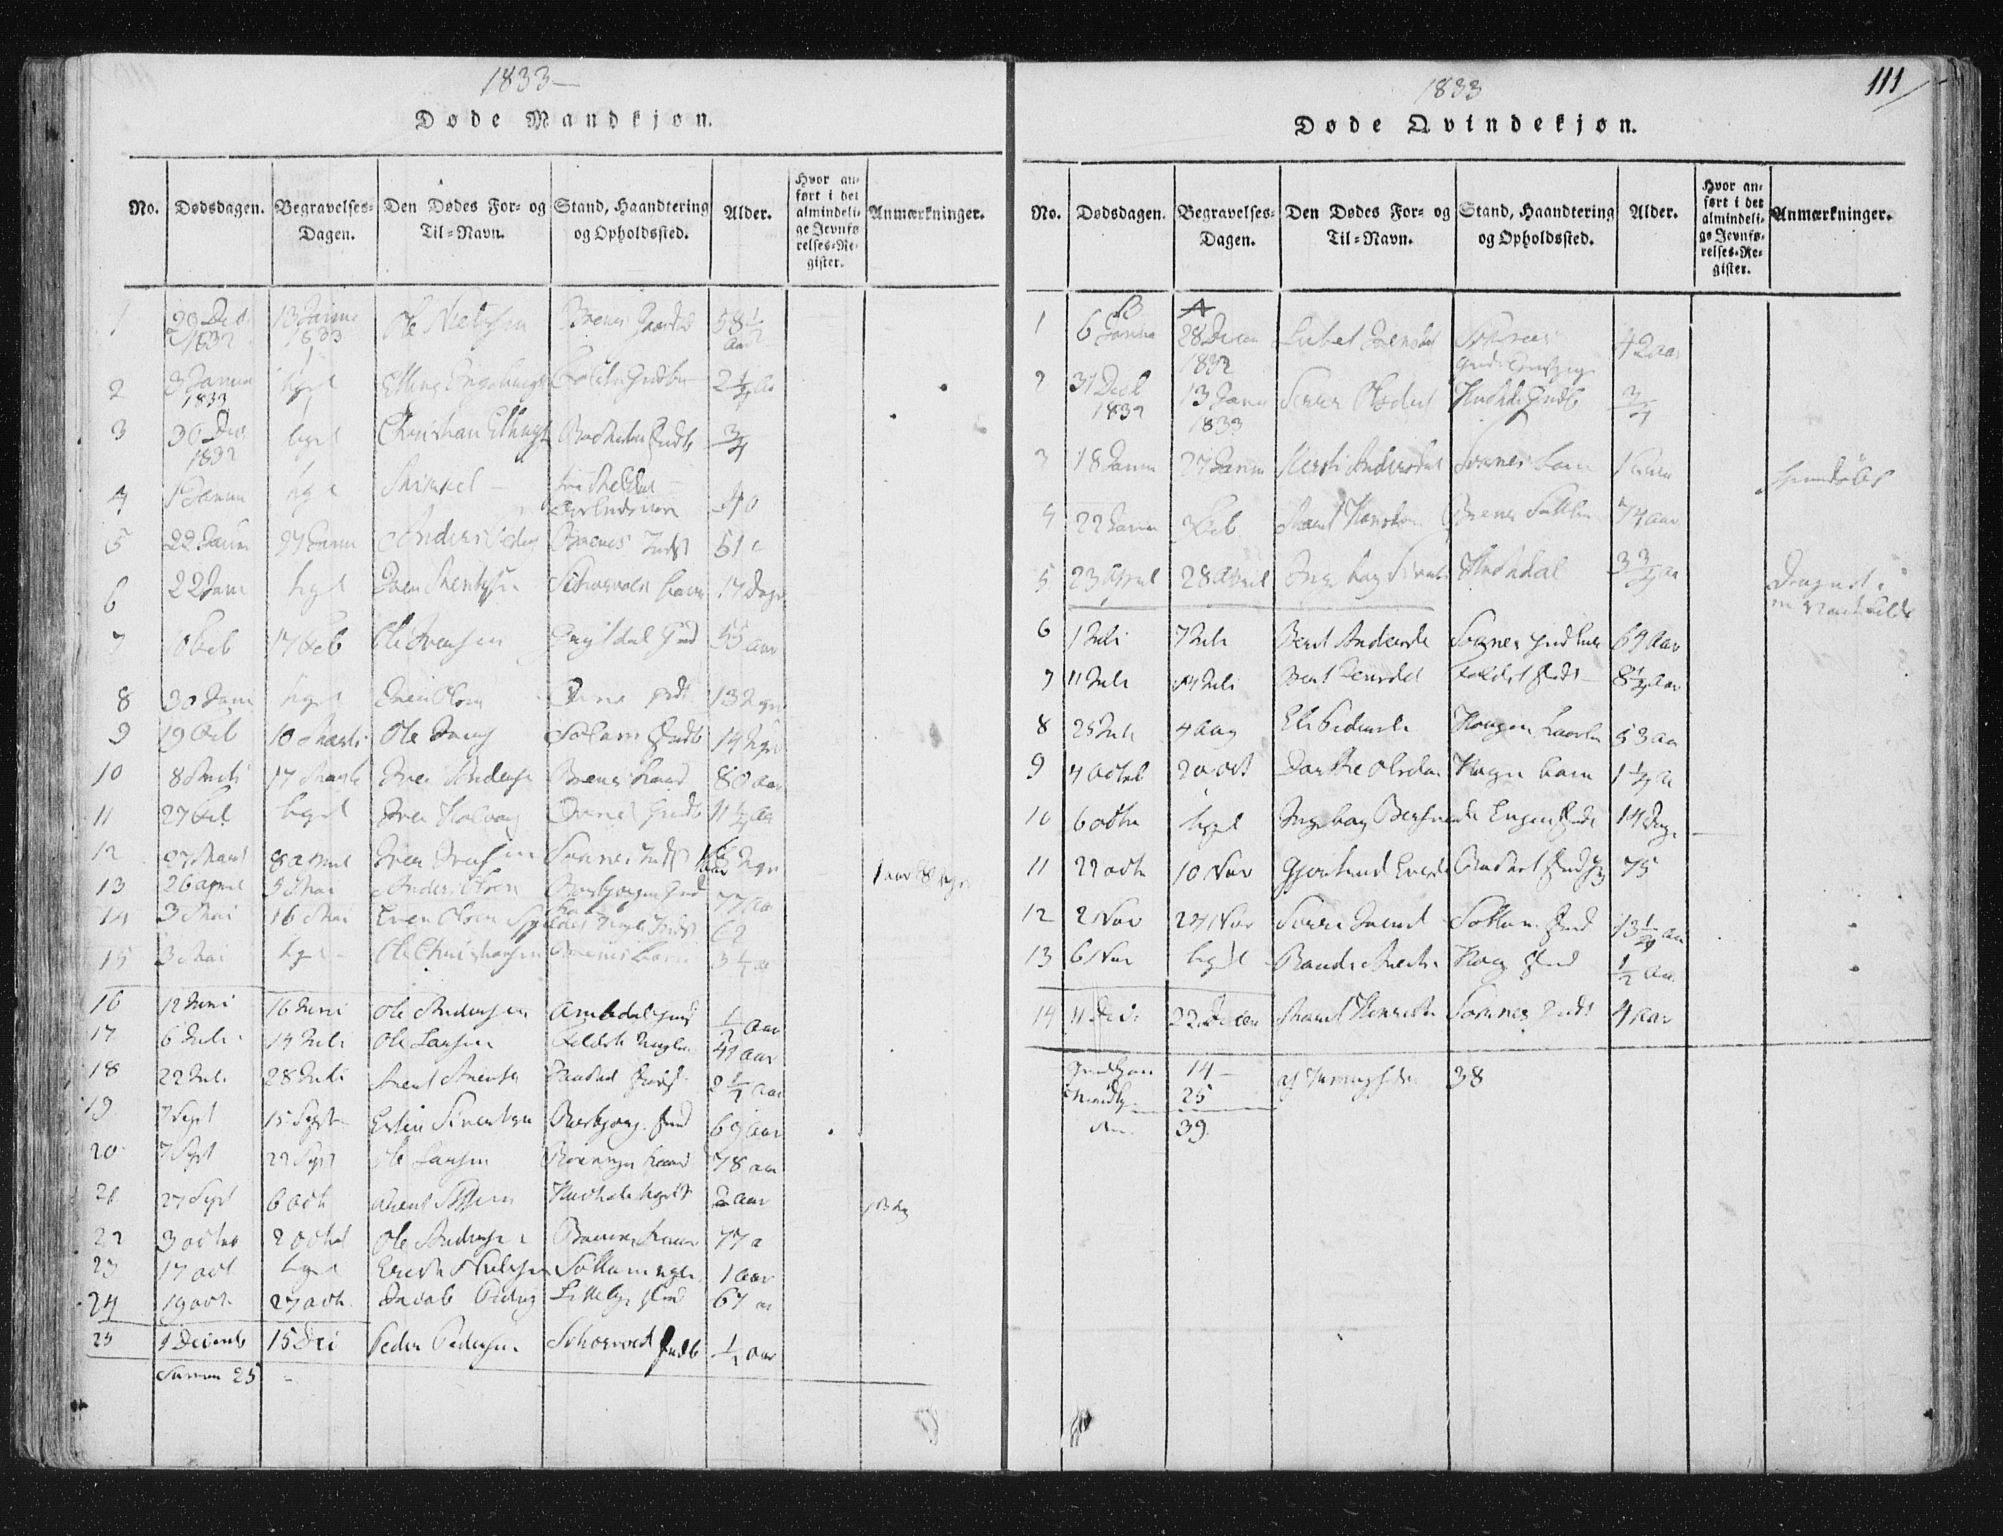 SAT, Ministerialprotokoller, klokkerbøker og fødselsregistre - Sør-Trøndelag, 687/L0996: Ministerialbok nr. 687A04, 1816-1842, s. 111